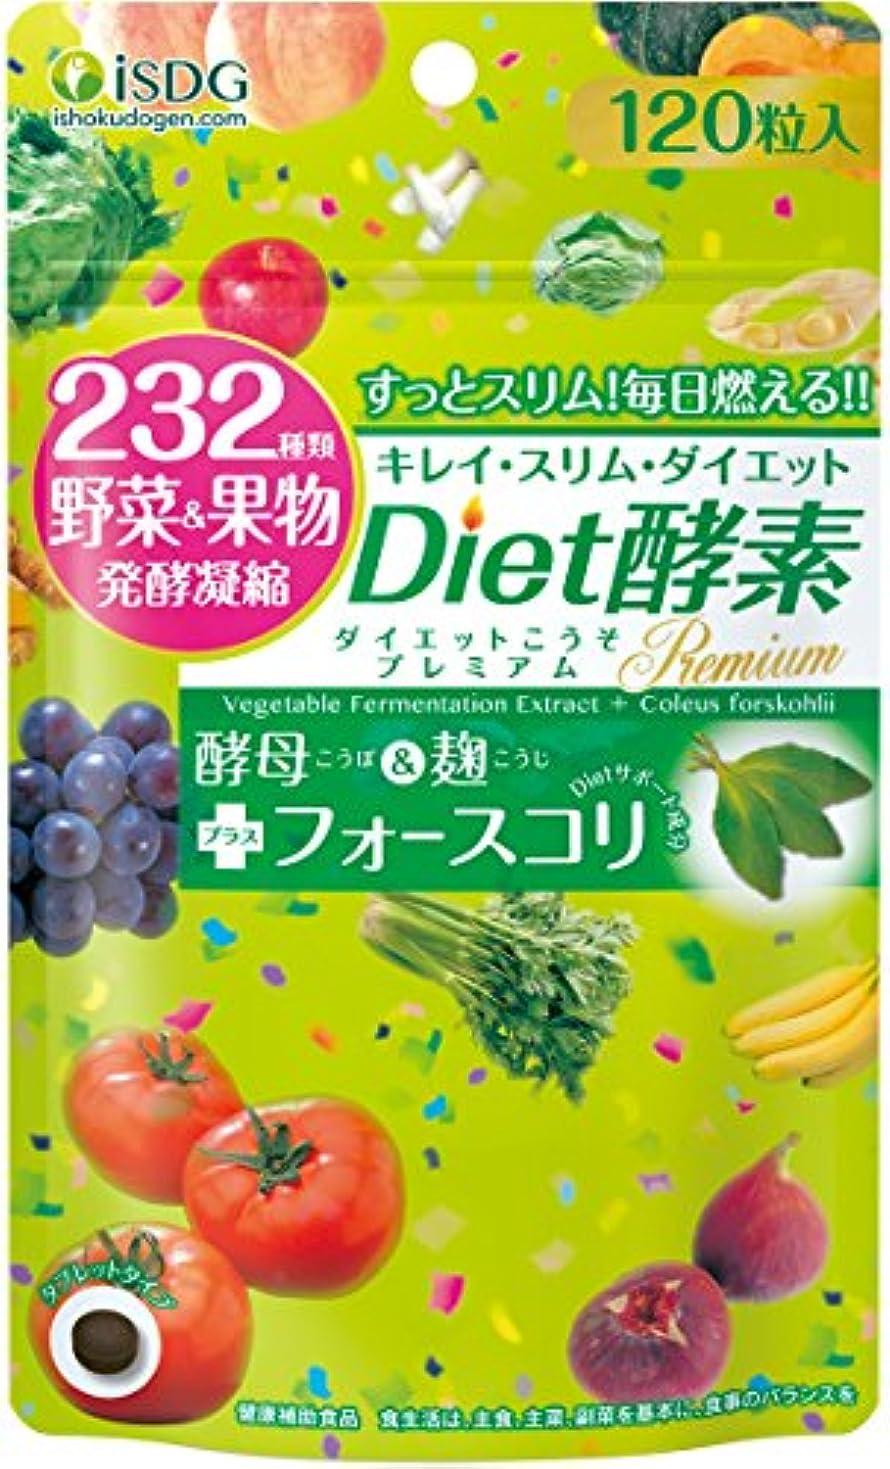 ハーブしてはいけない雪ISDG 医食同源ドットコム Diet 酵素 プレミアム[232種類 野菜 果物 発酵凝縮] 120粒